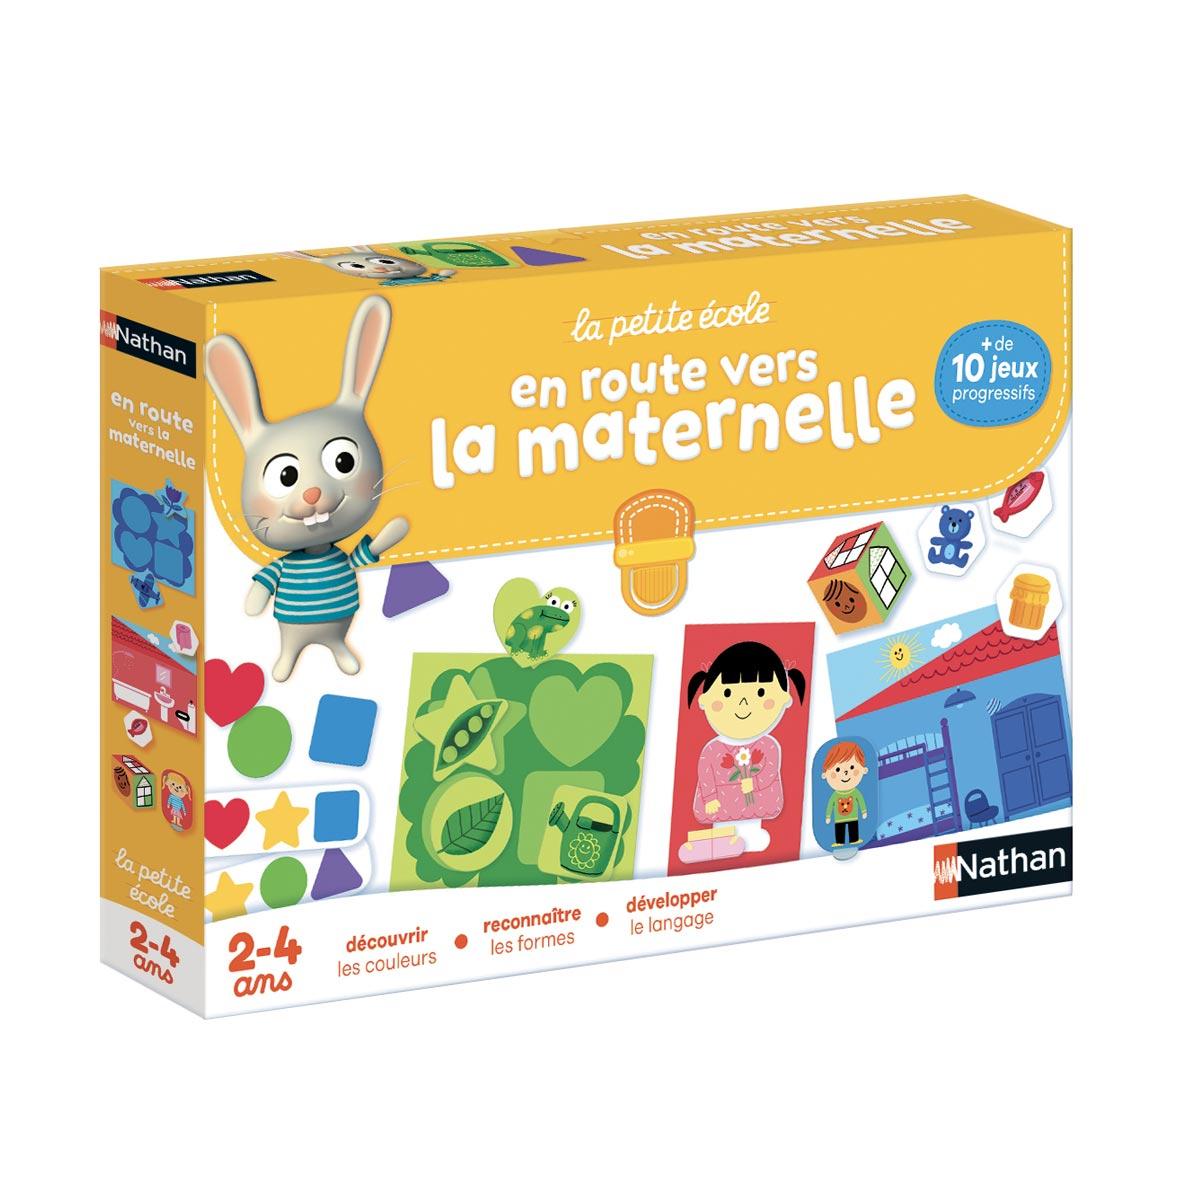 Coffret De Jeux Route à Vers La Maternelle Jeux Educatif 4 An